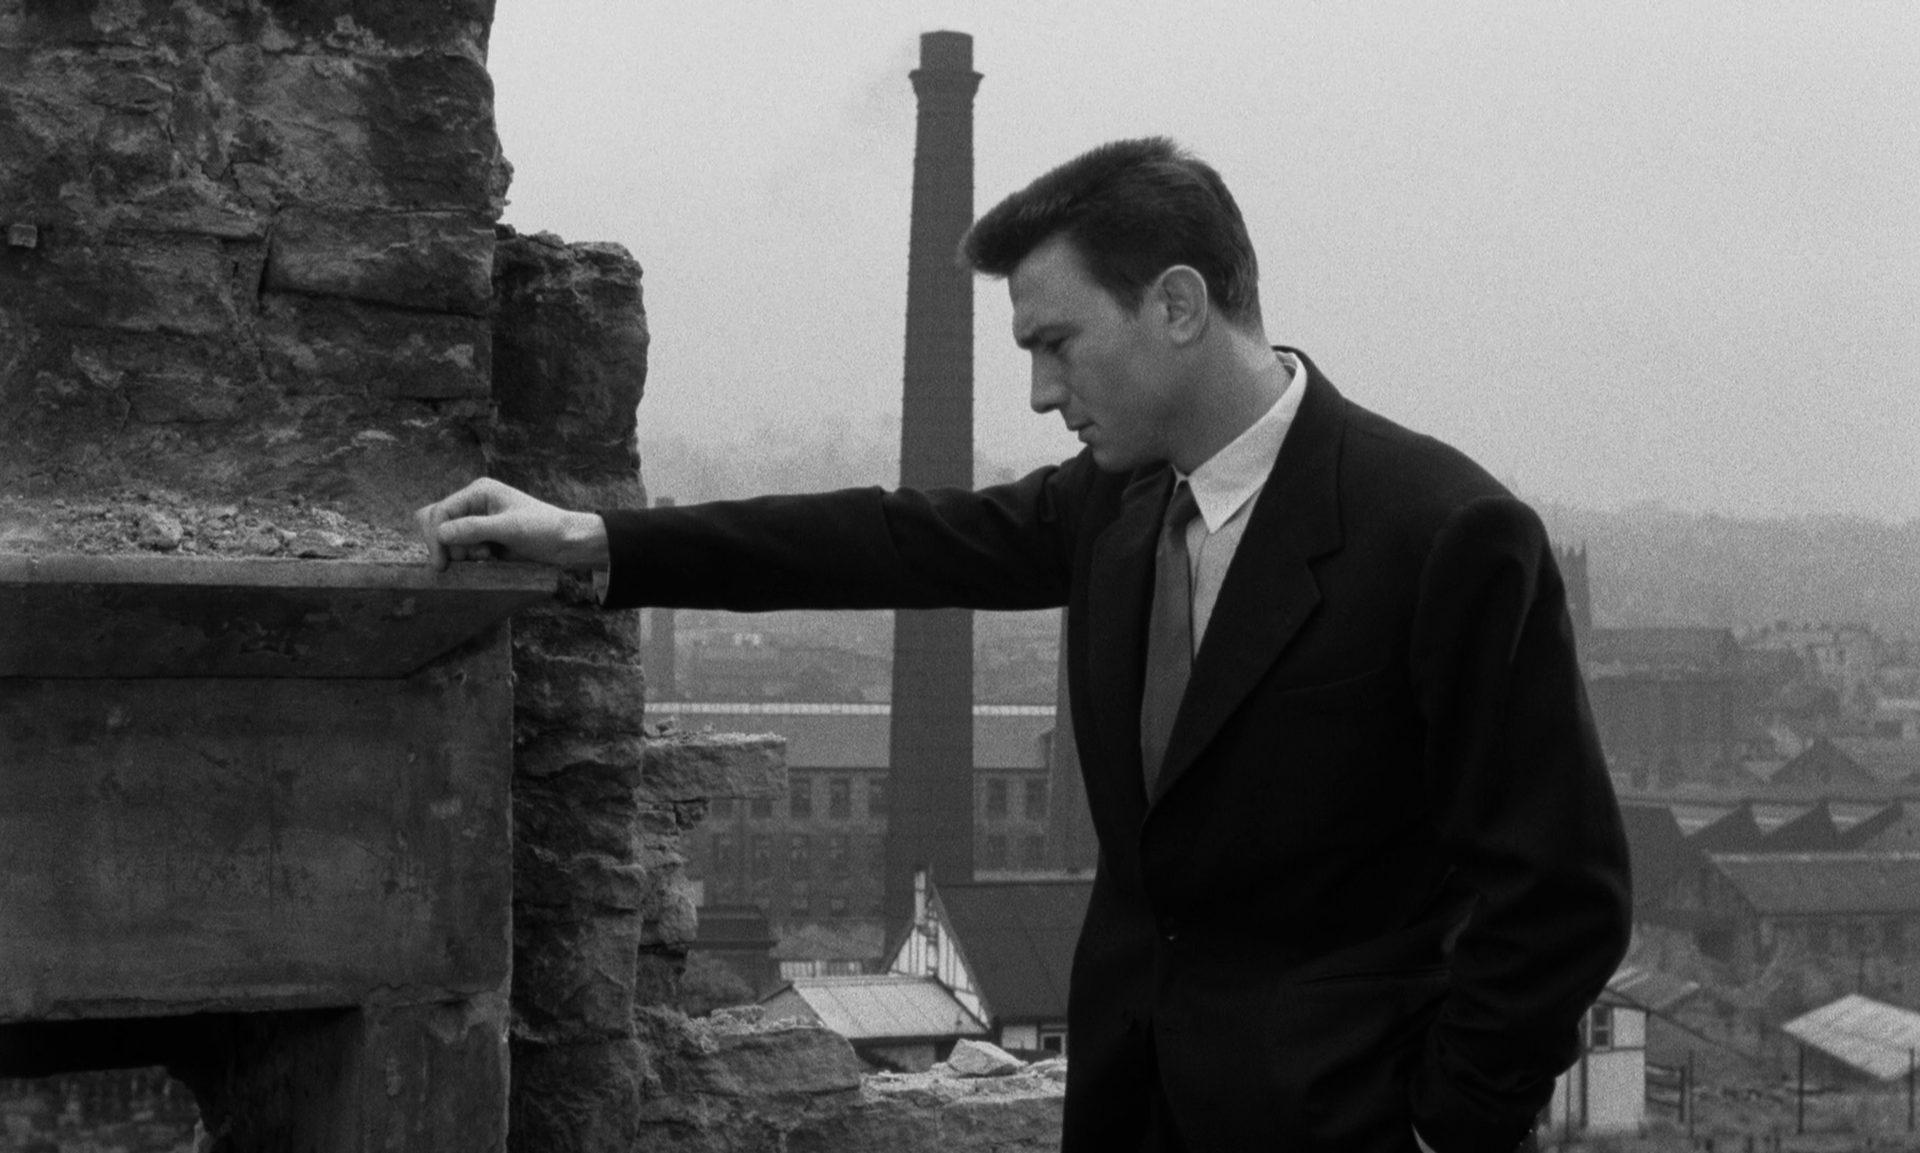 Laurence Harvey als Joe Lampton, der vor industriellem Hintergrund mit ausgestrecktem Arm in bedächtiger Pose an einer Backsteinruine lehnt.